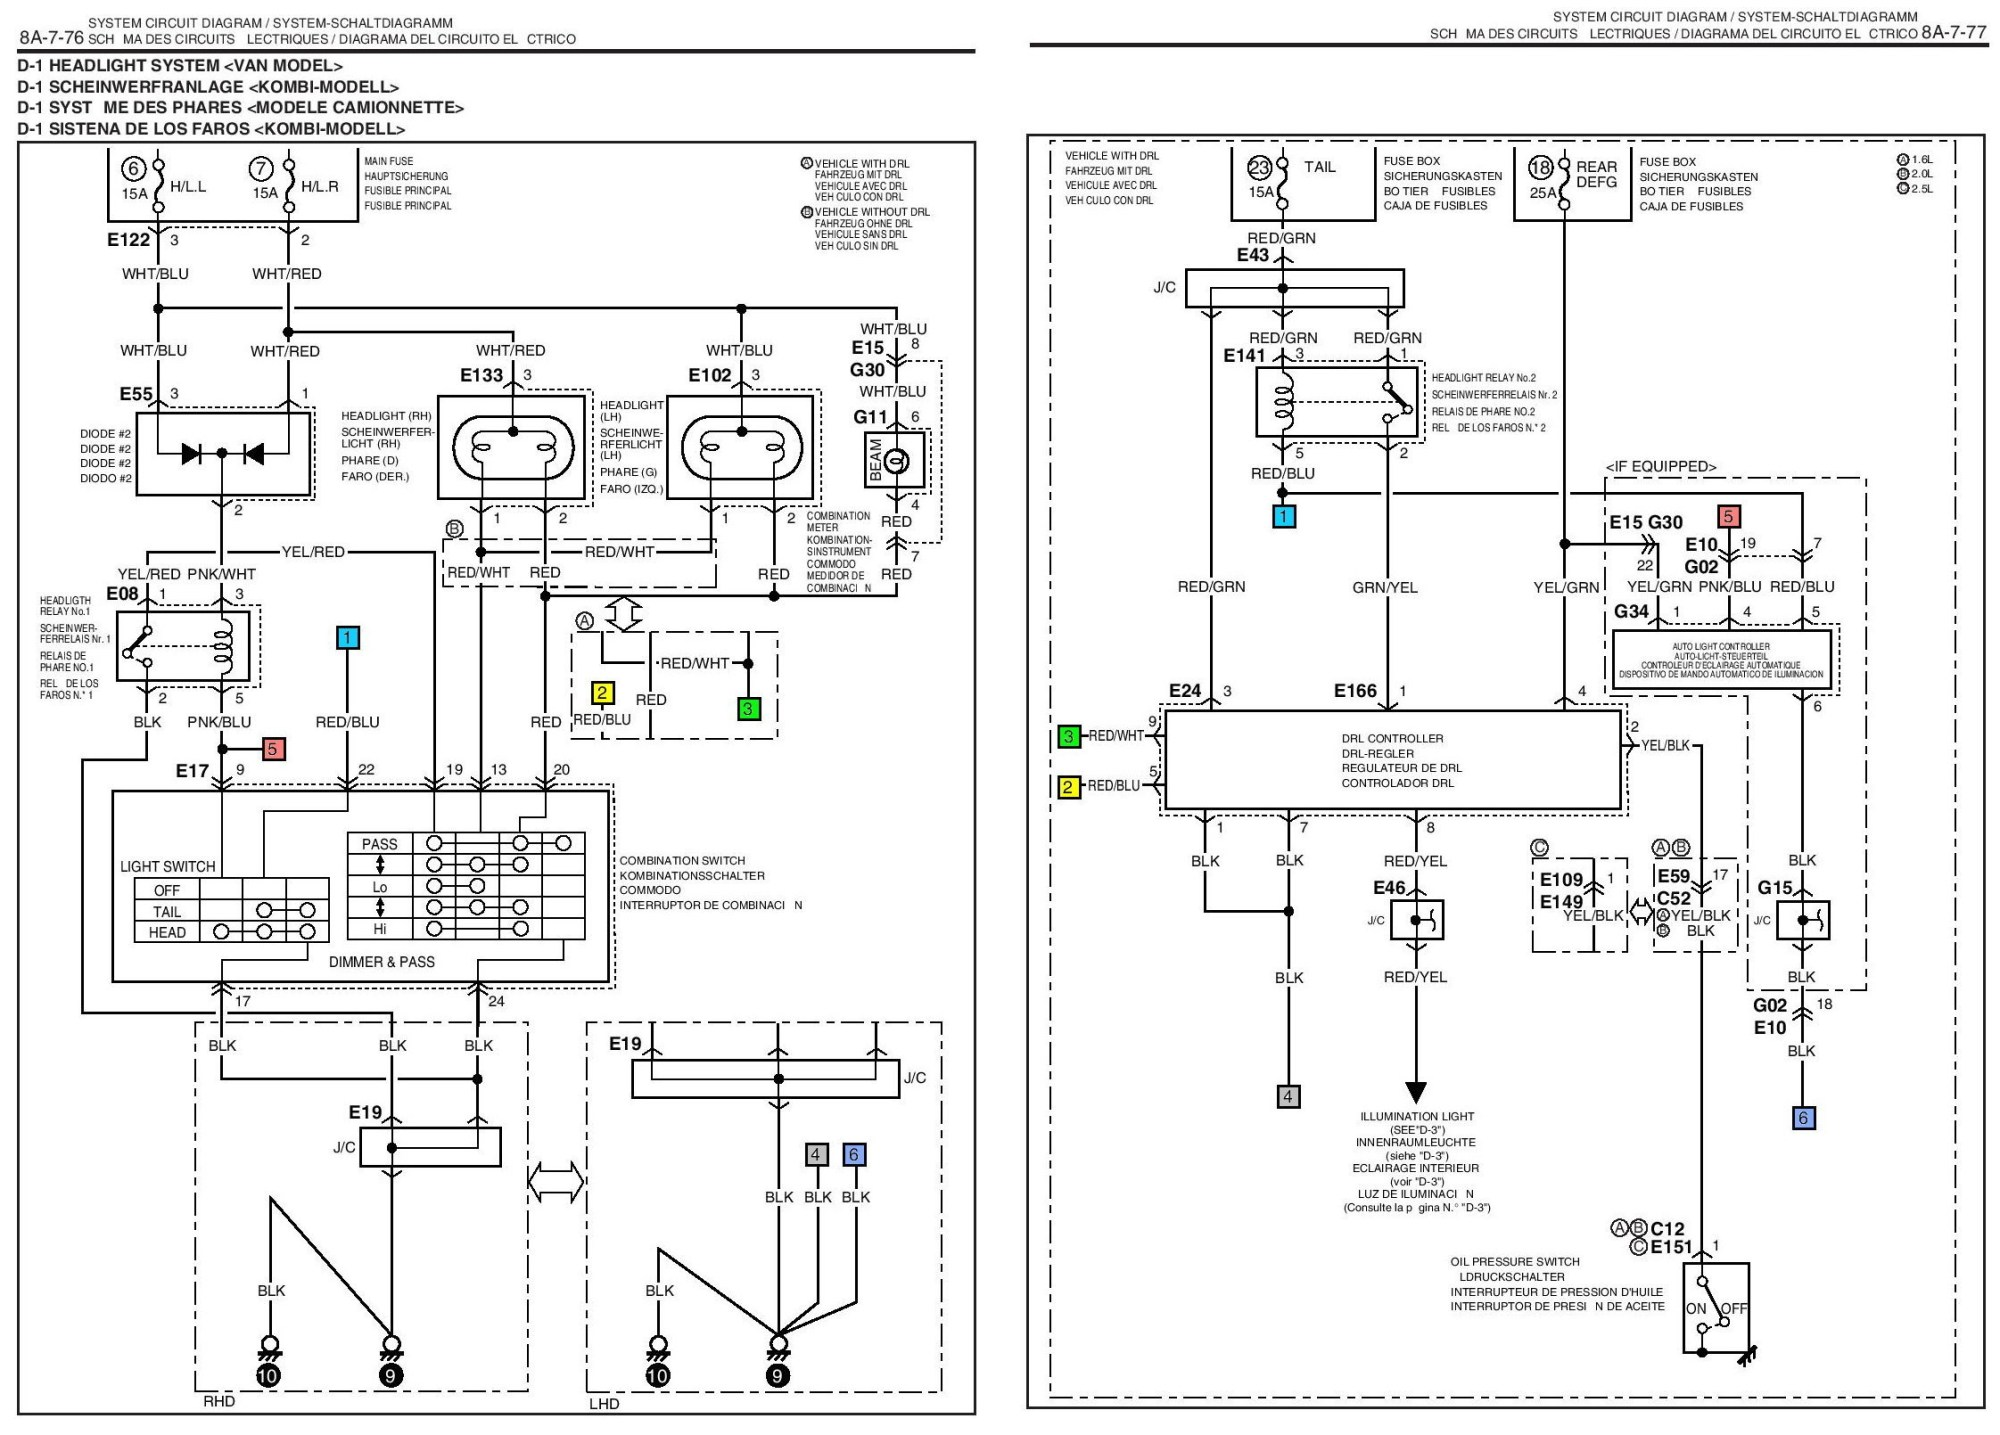 hight resolution of 06 suzuki forenza wiring diagram schematic diagramsuzuki forenza wiring diagram best wiring library 2004 suzuki forenza